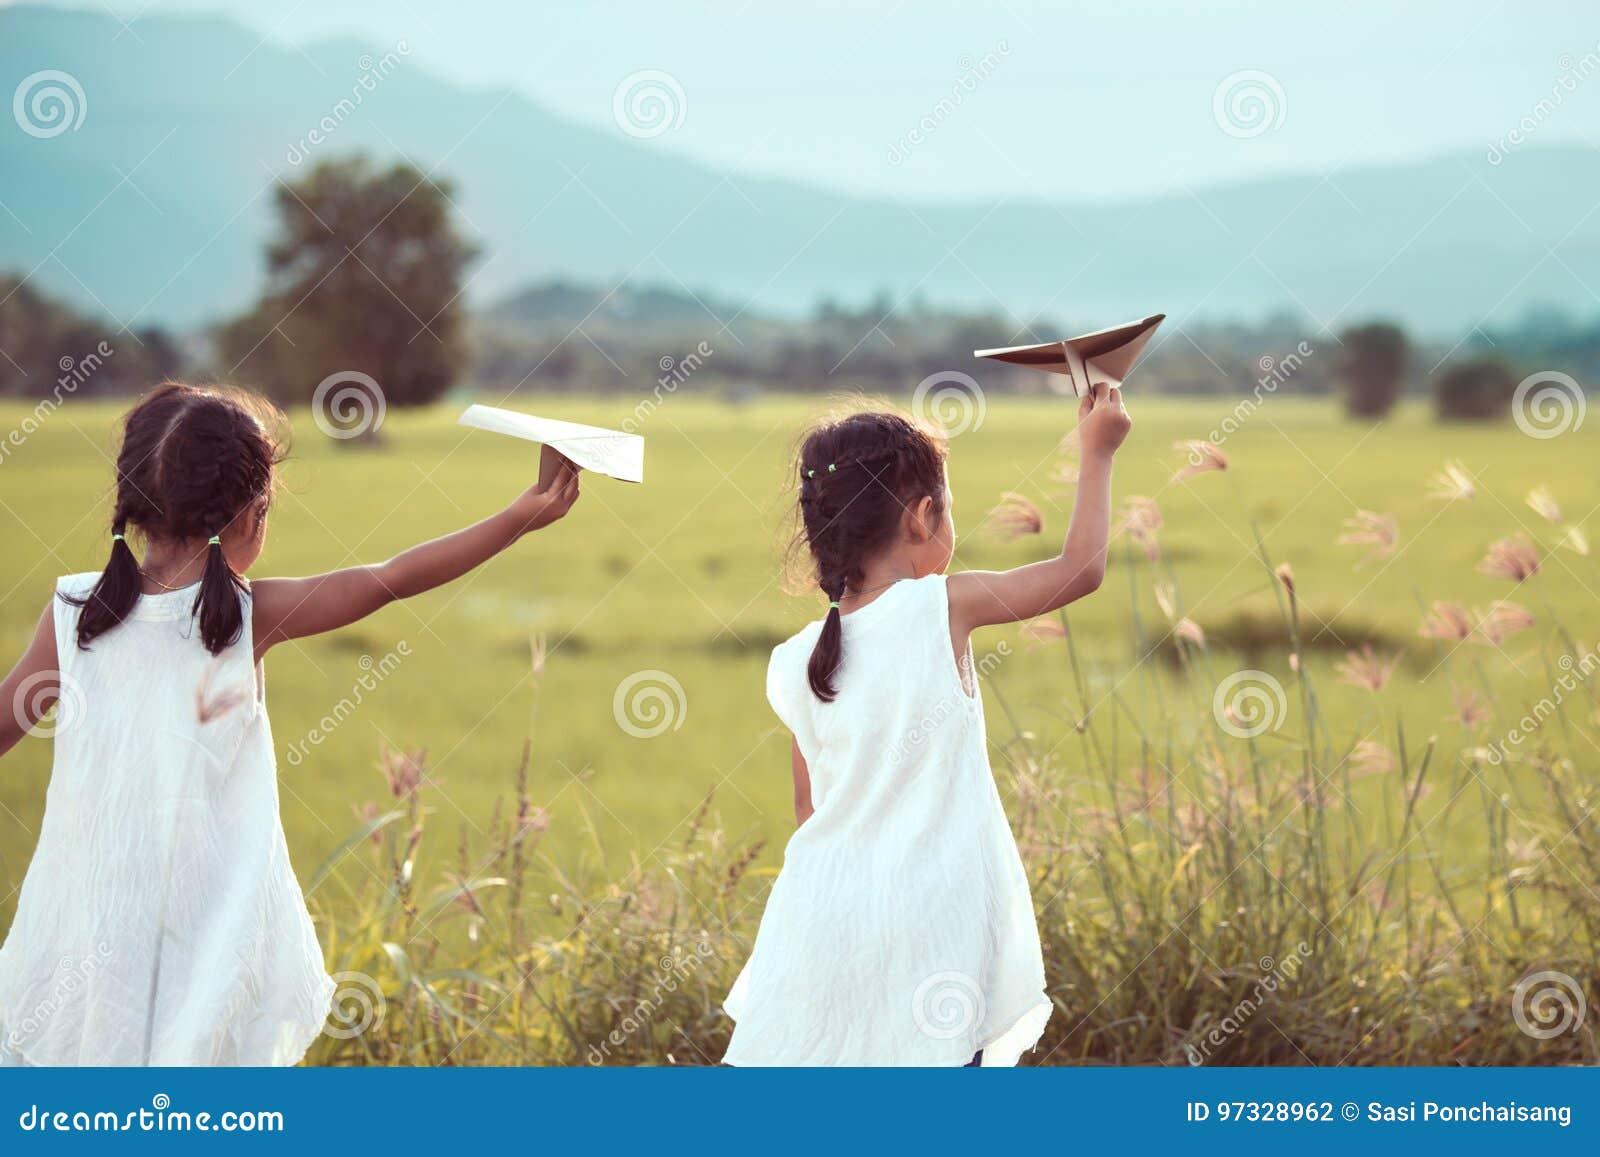 Задний взгляд 2 азиатских девушек ребенка играя самолет игрушки бумажный